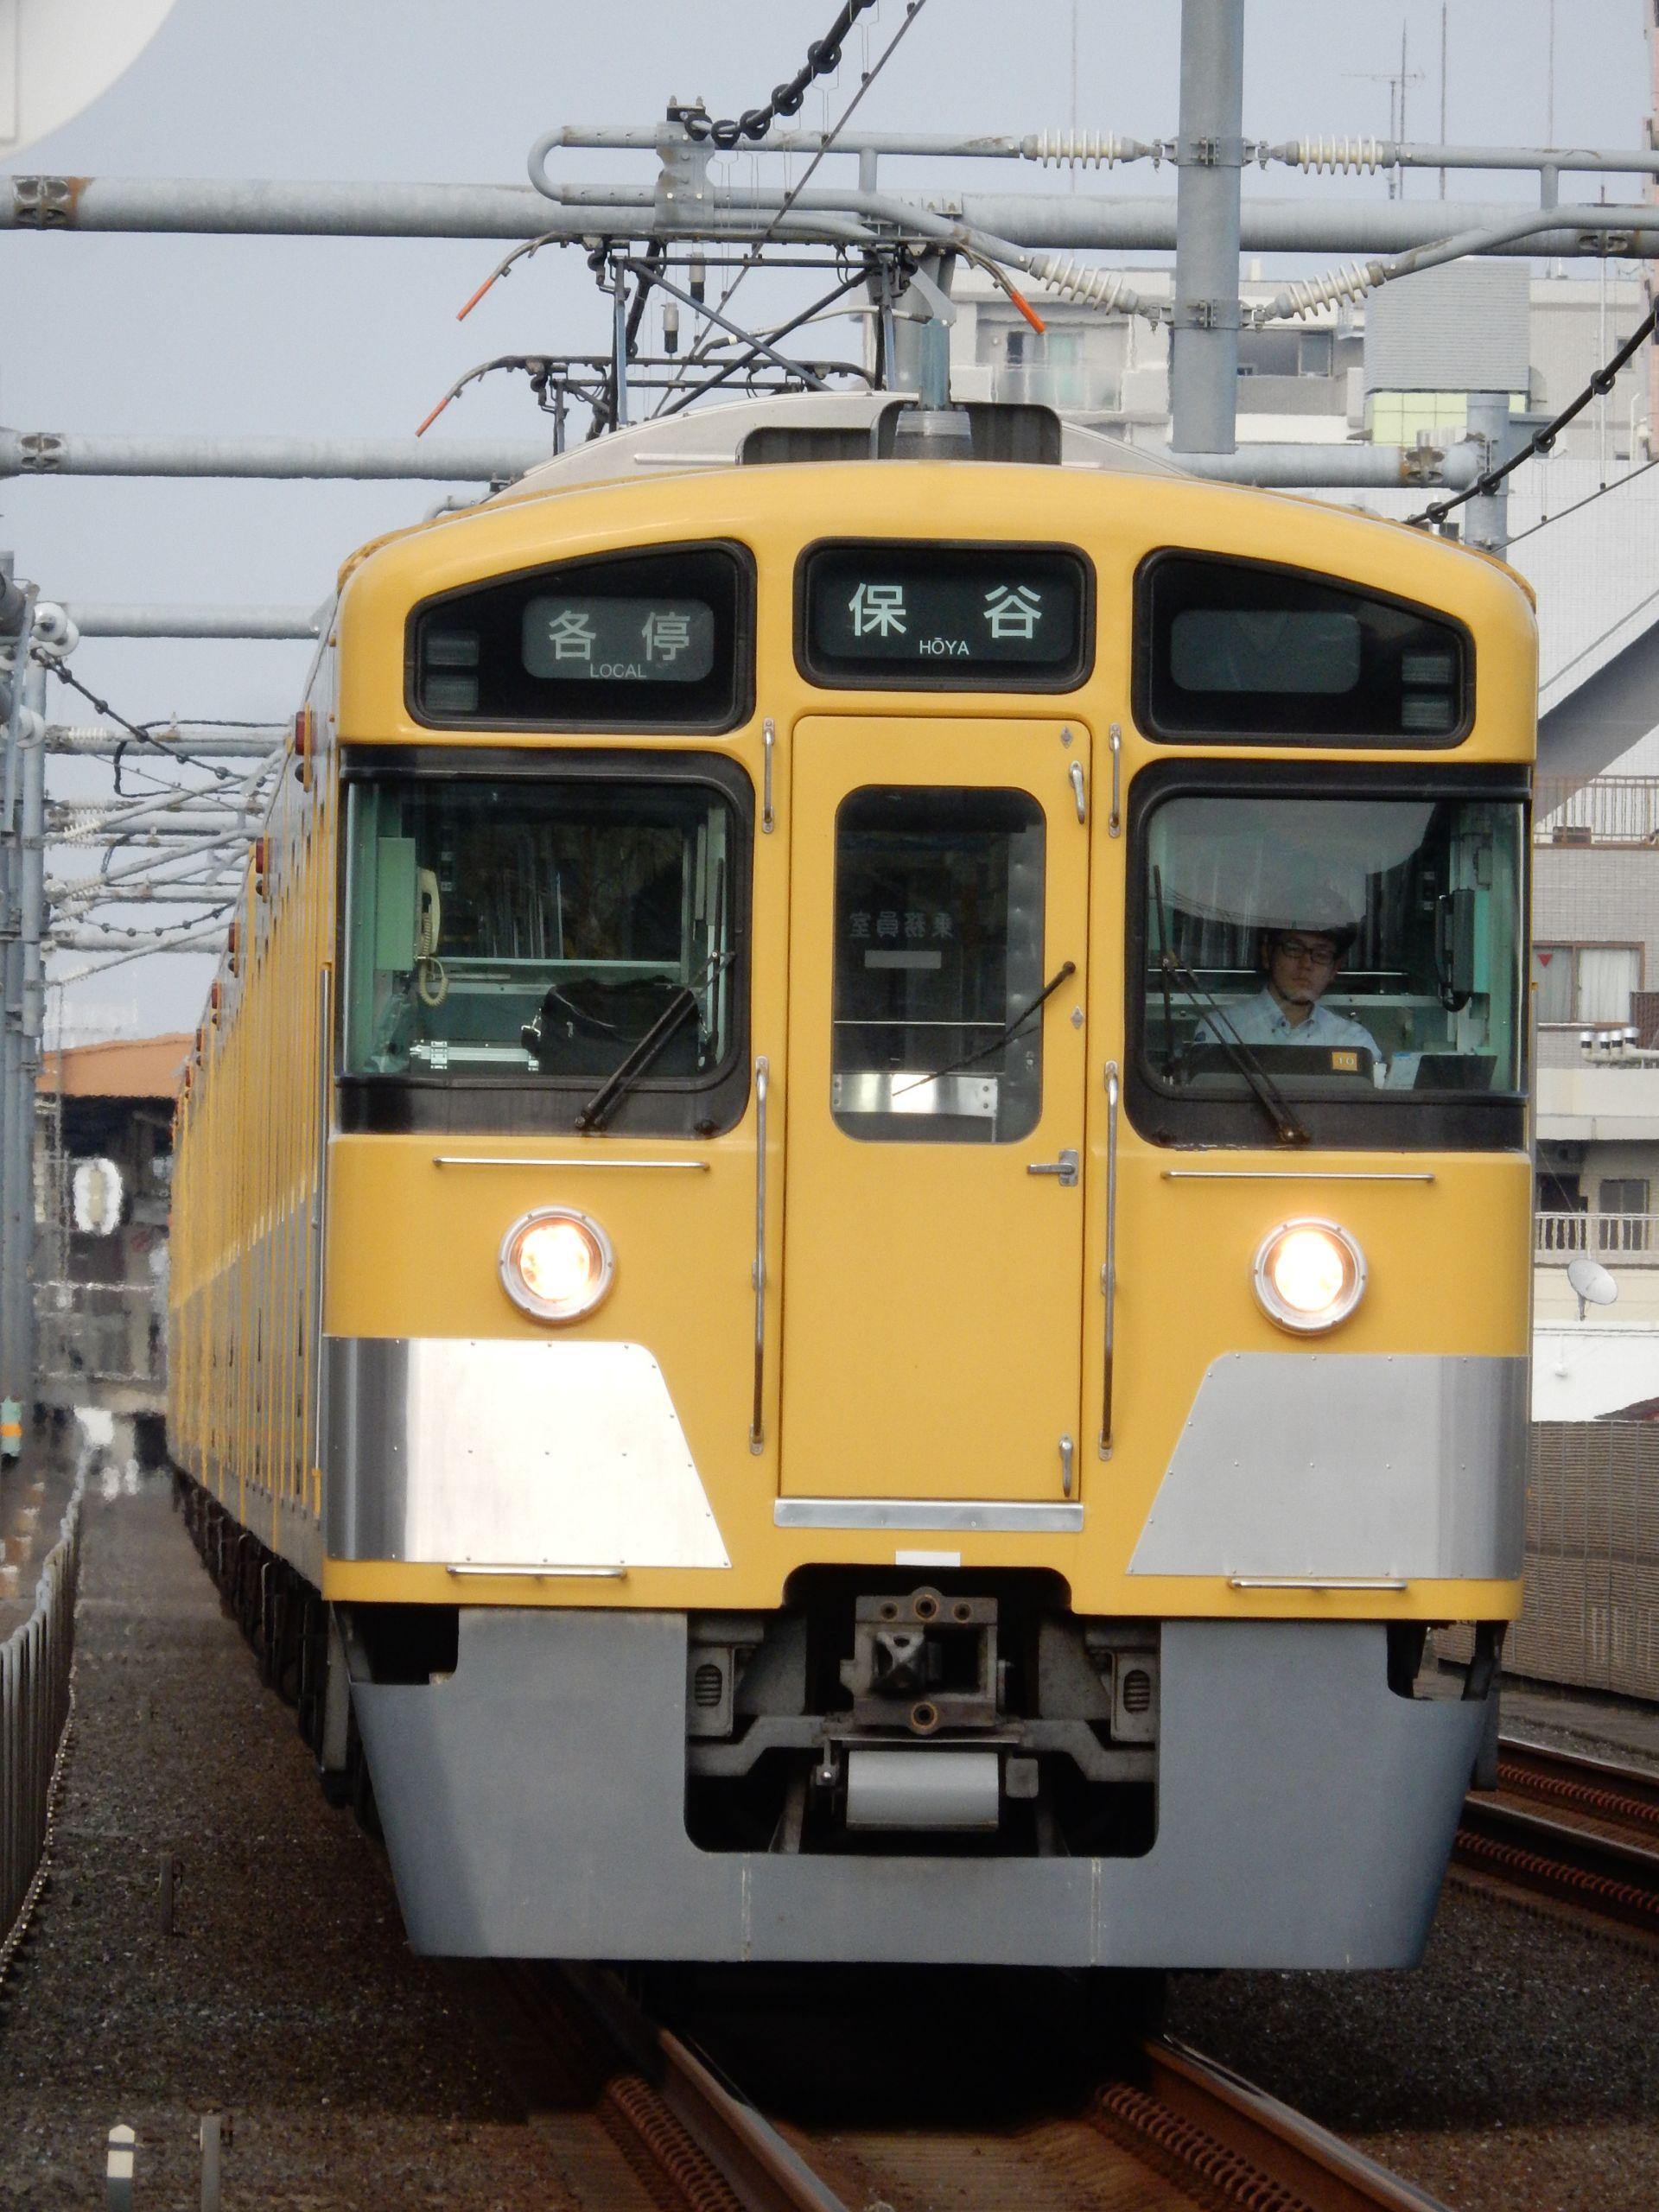 DSCN0212 - コピー